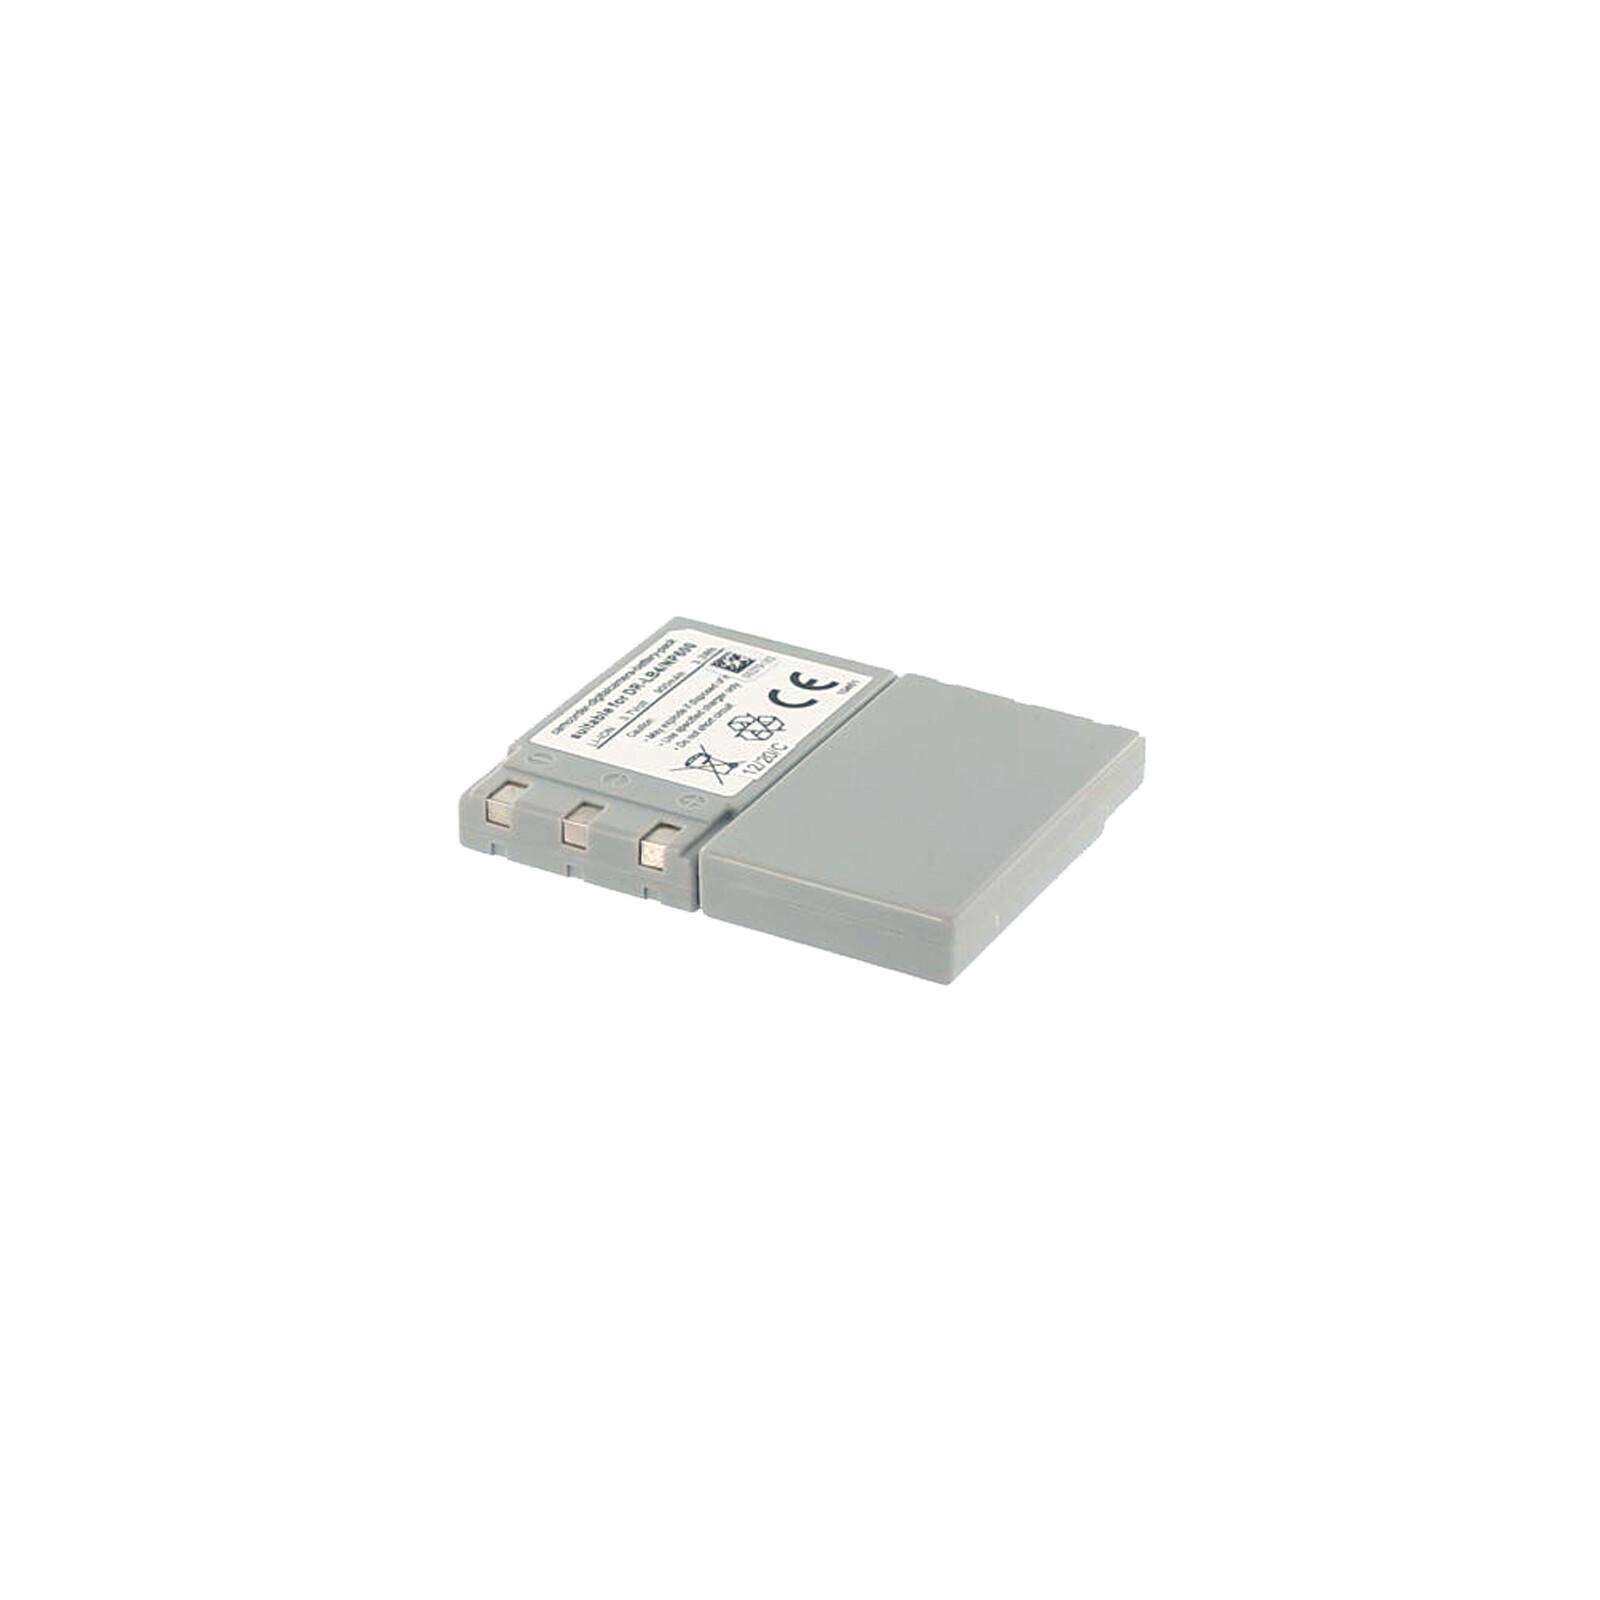 AGI 3346 Akku Fujitsu Siemens CX431